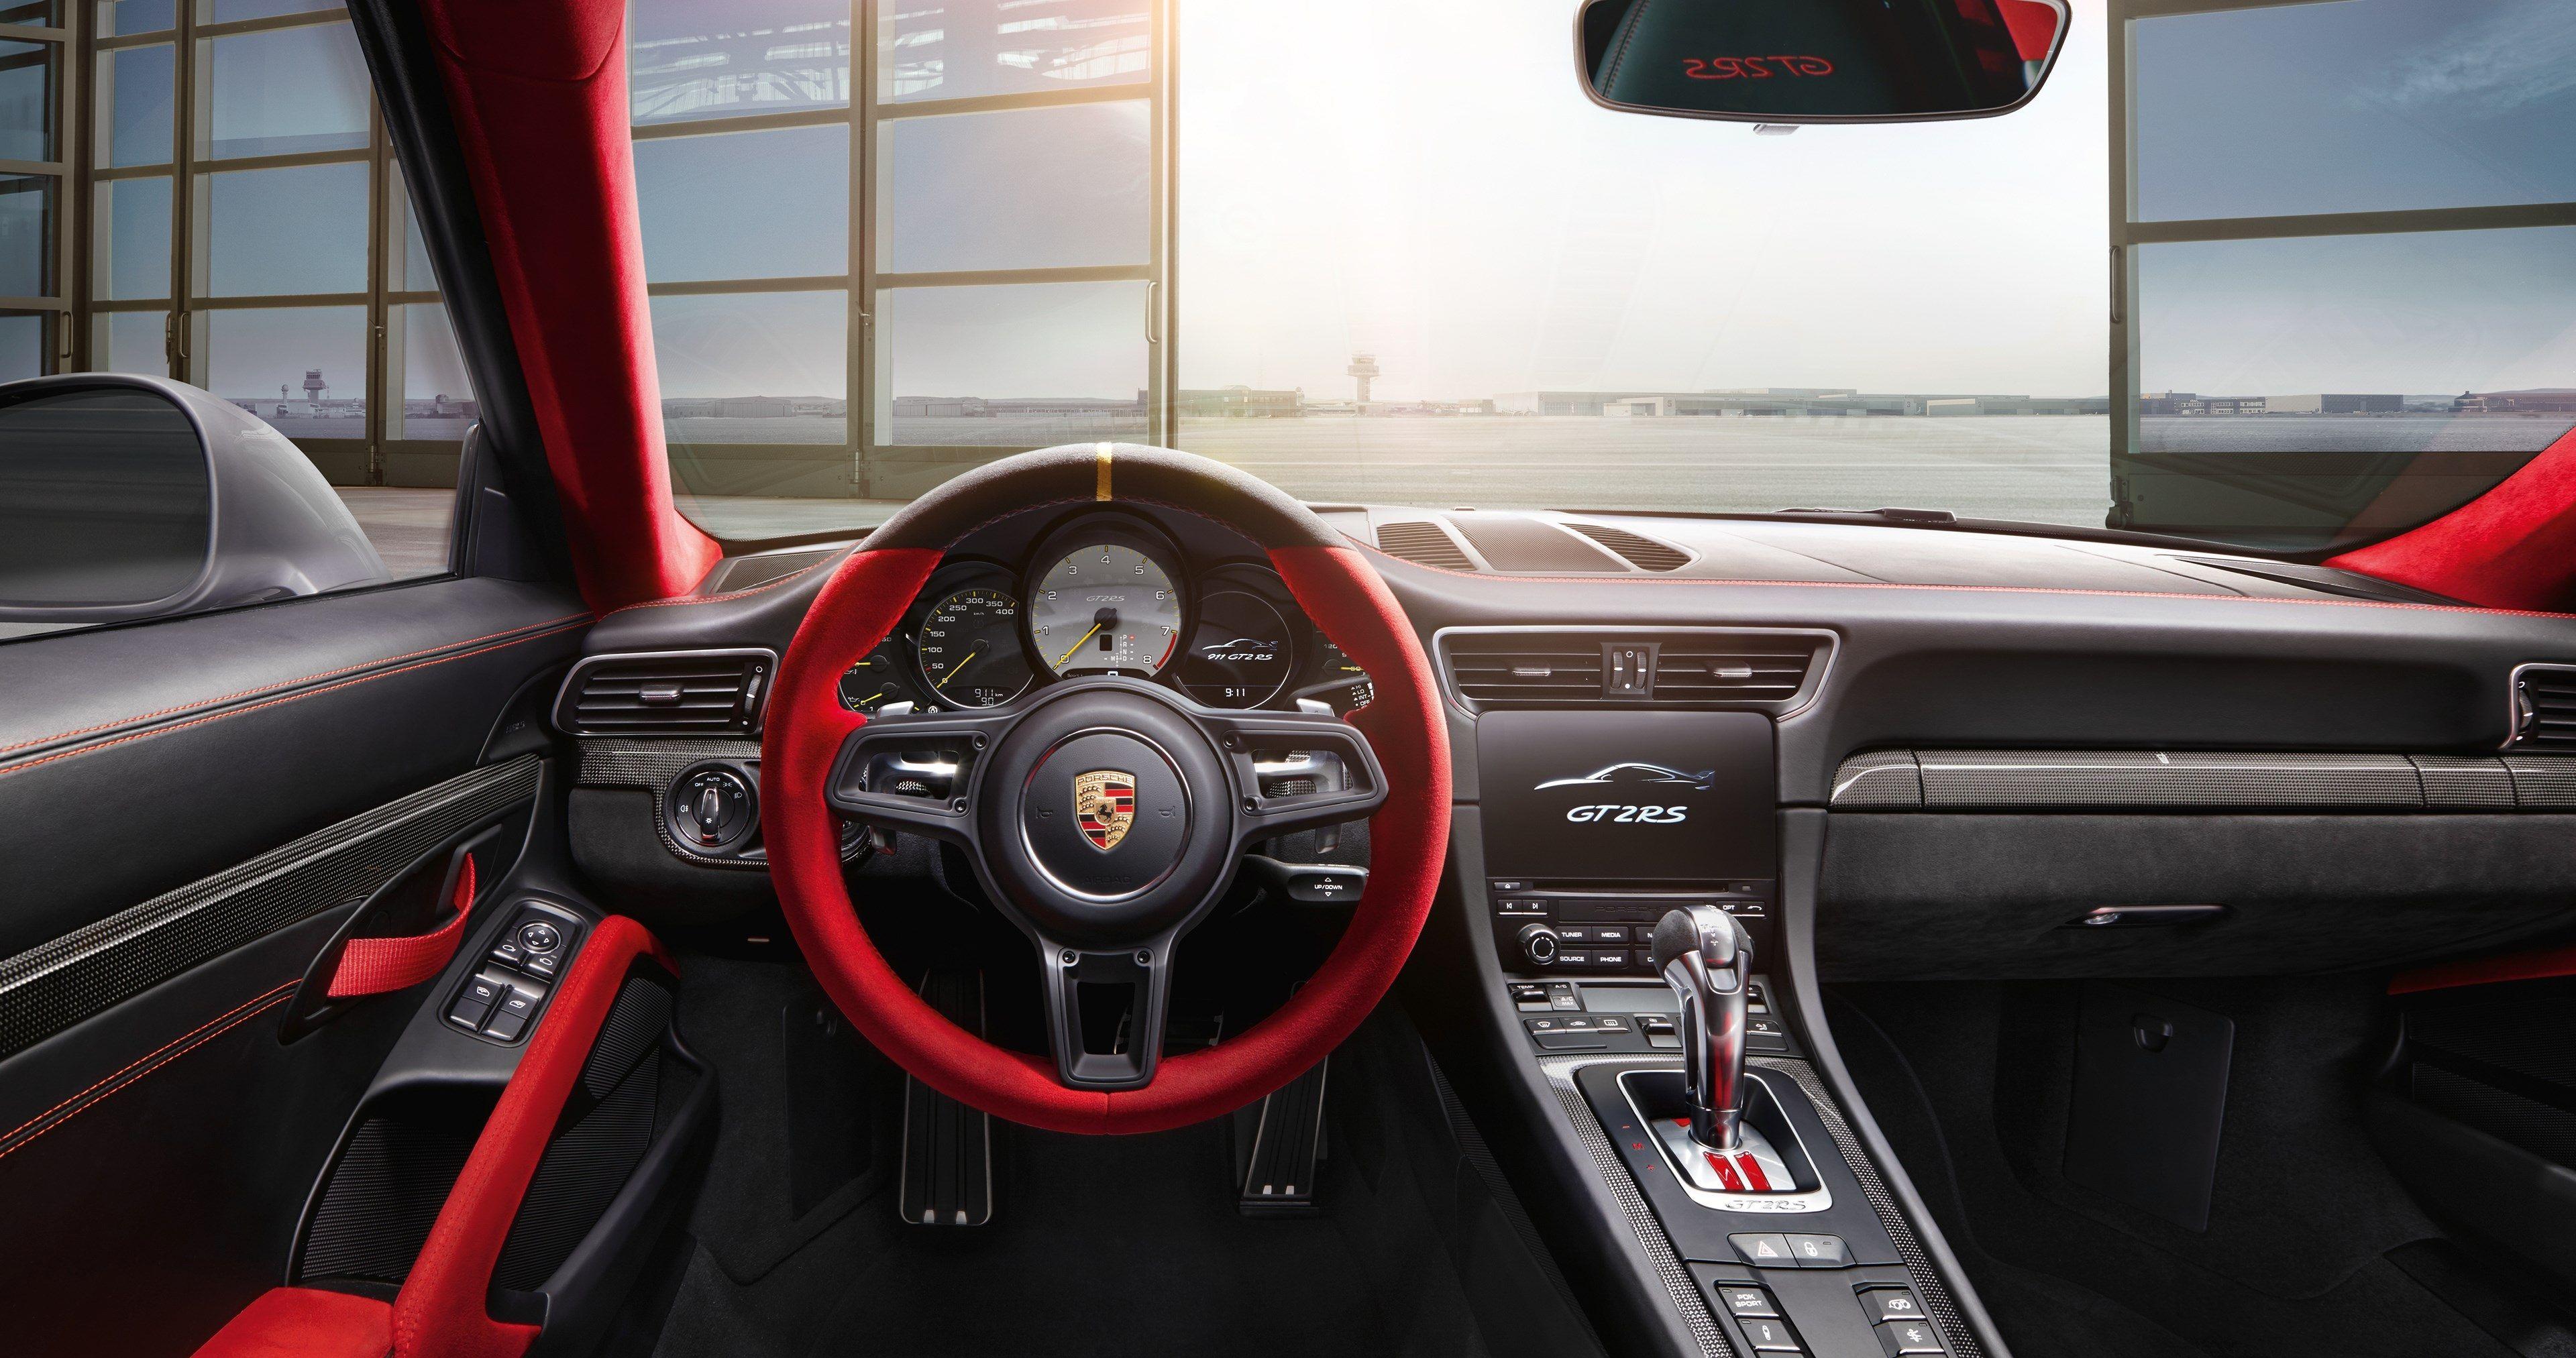 b3375b855291d0ad2a23c9d54e4eb378 Stunning Ficha Tecnica Porsche 918 Spyder Concept Cars Trend